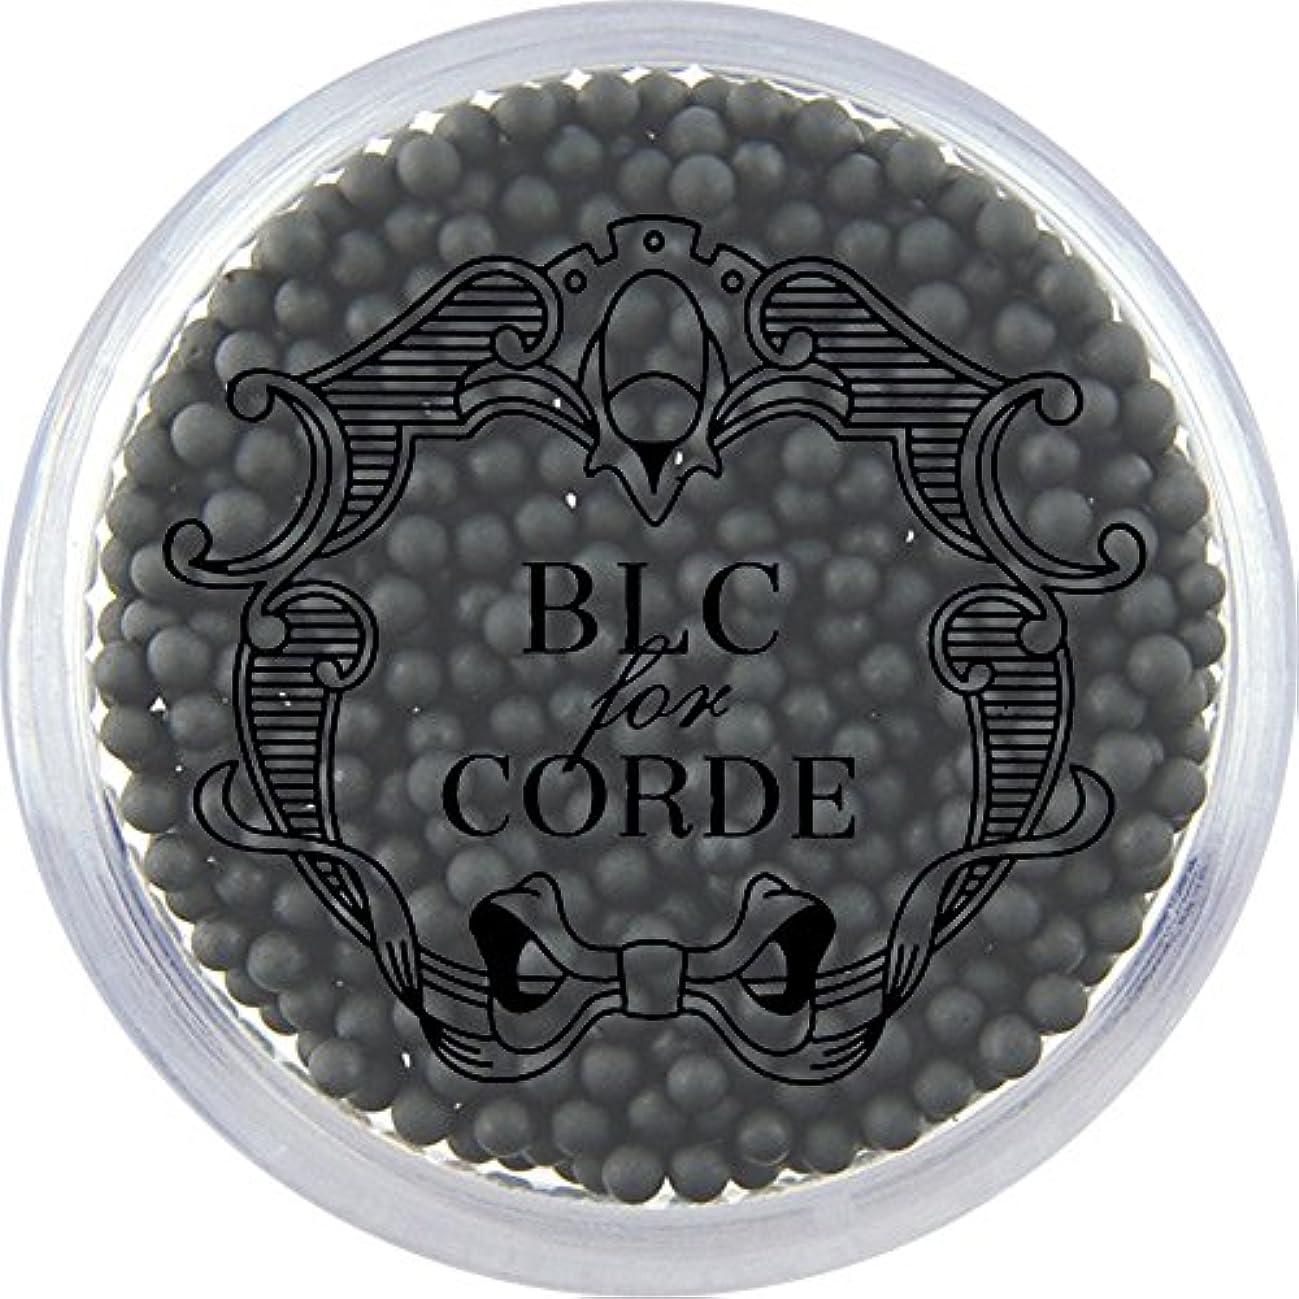 意識見分ける長方形BLC FOR CORDE ガラスブリオン ブラック